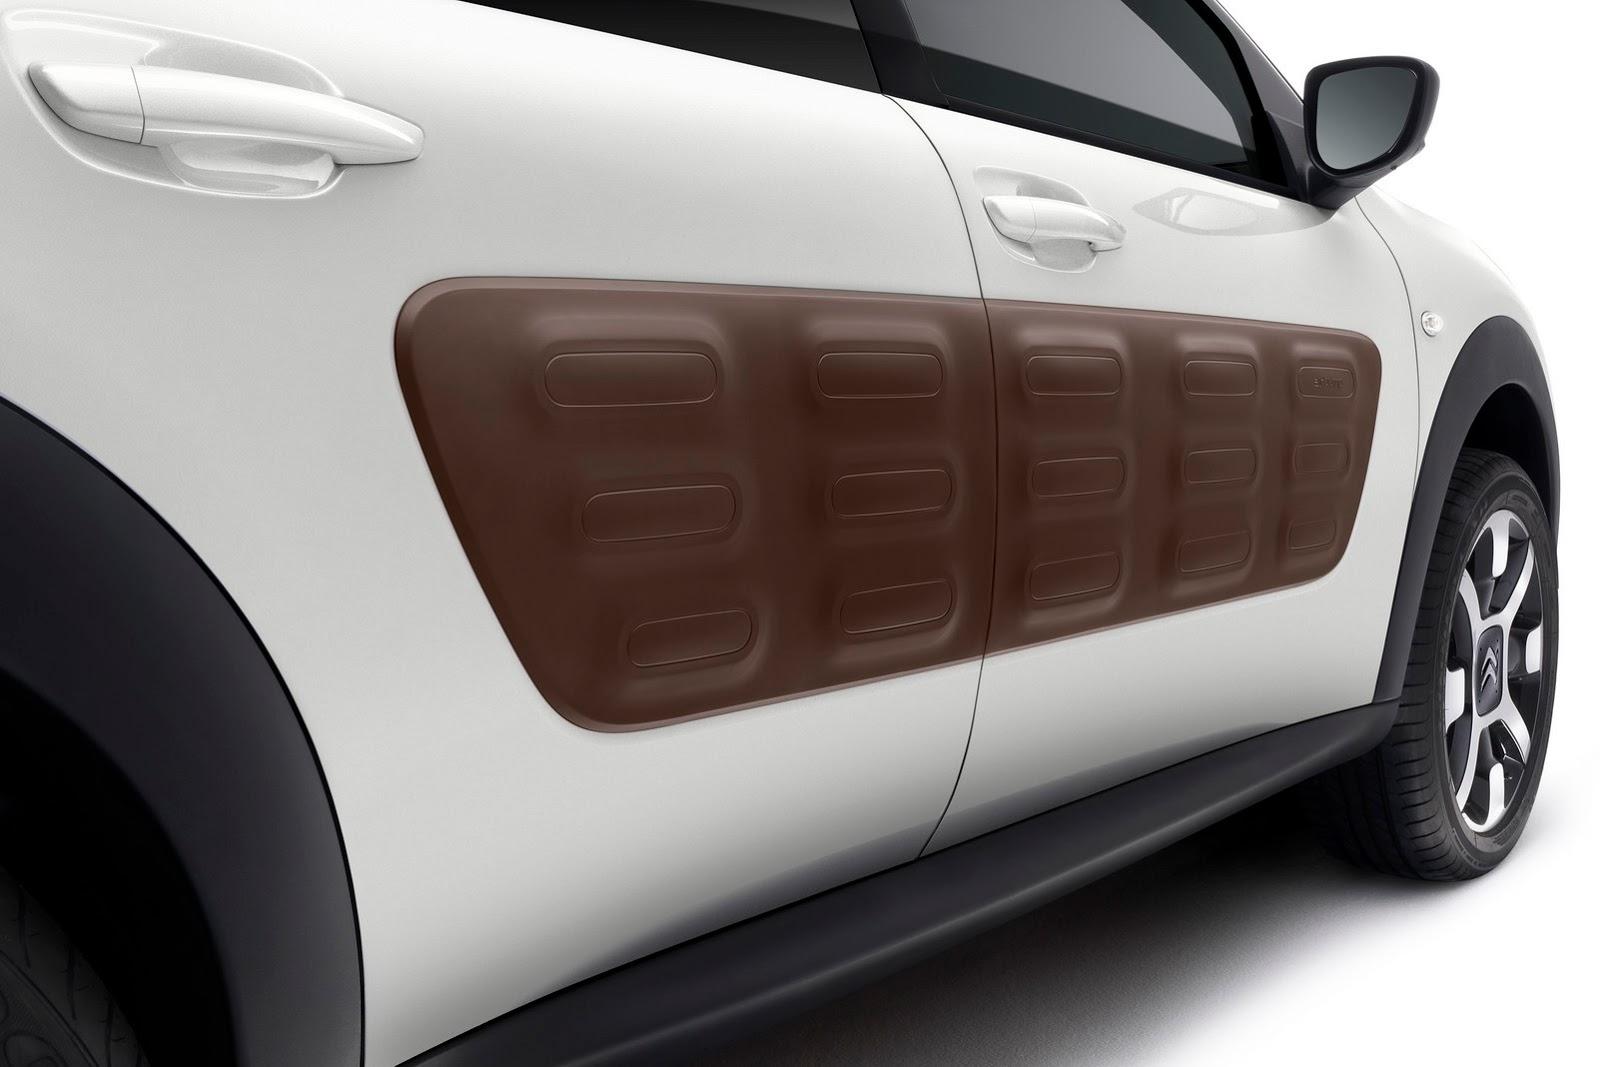 technologie air bump une coque iphone sur votre voiture acc s autos. Black Bedroom Furniture Sets. Home Design Ideas